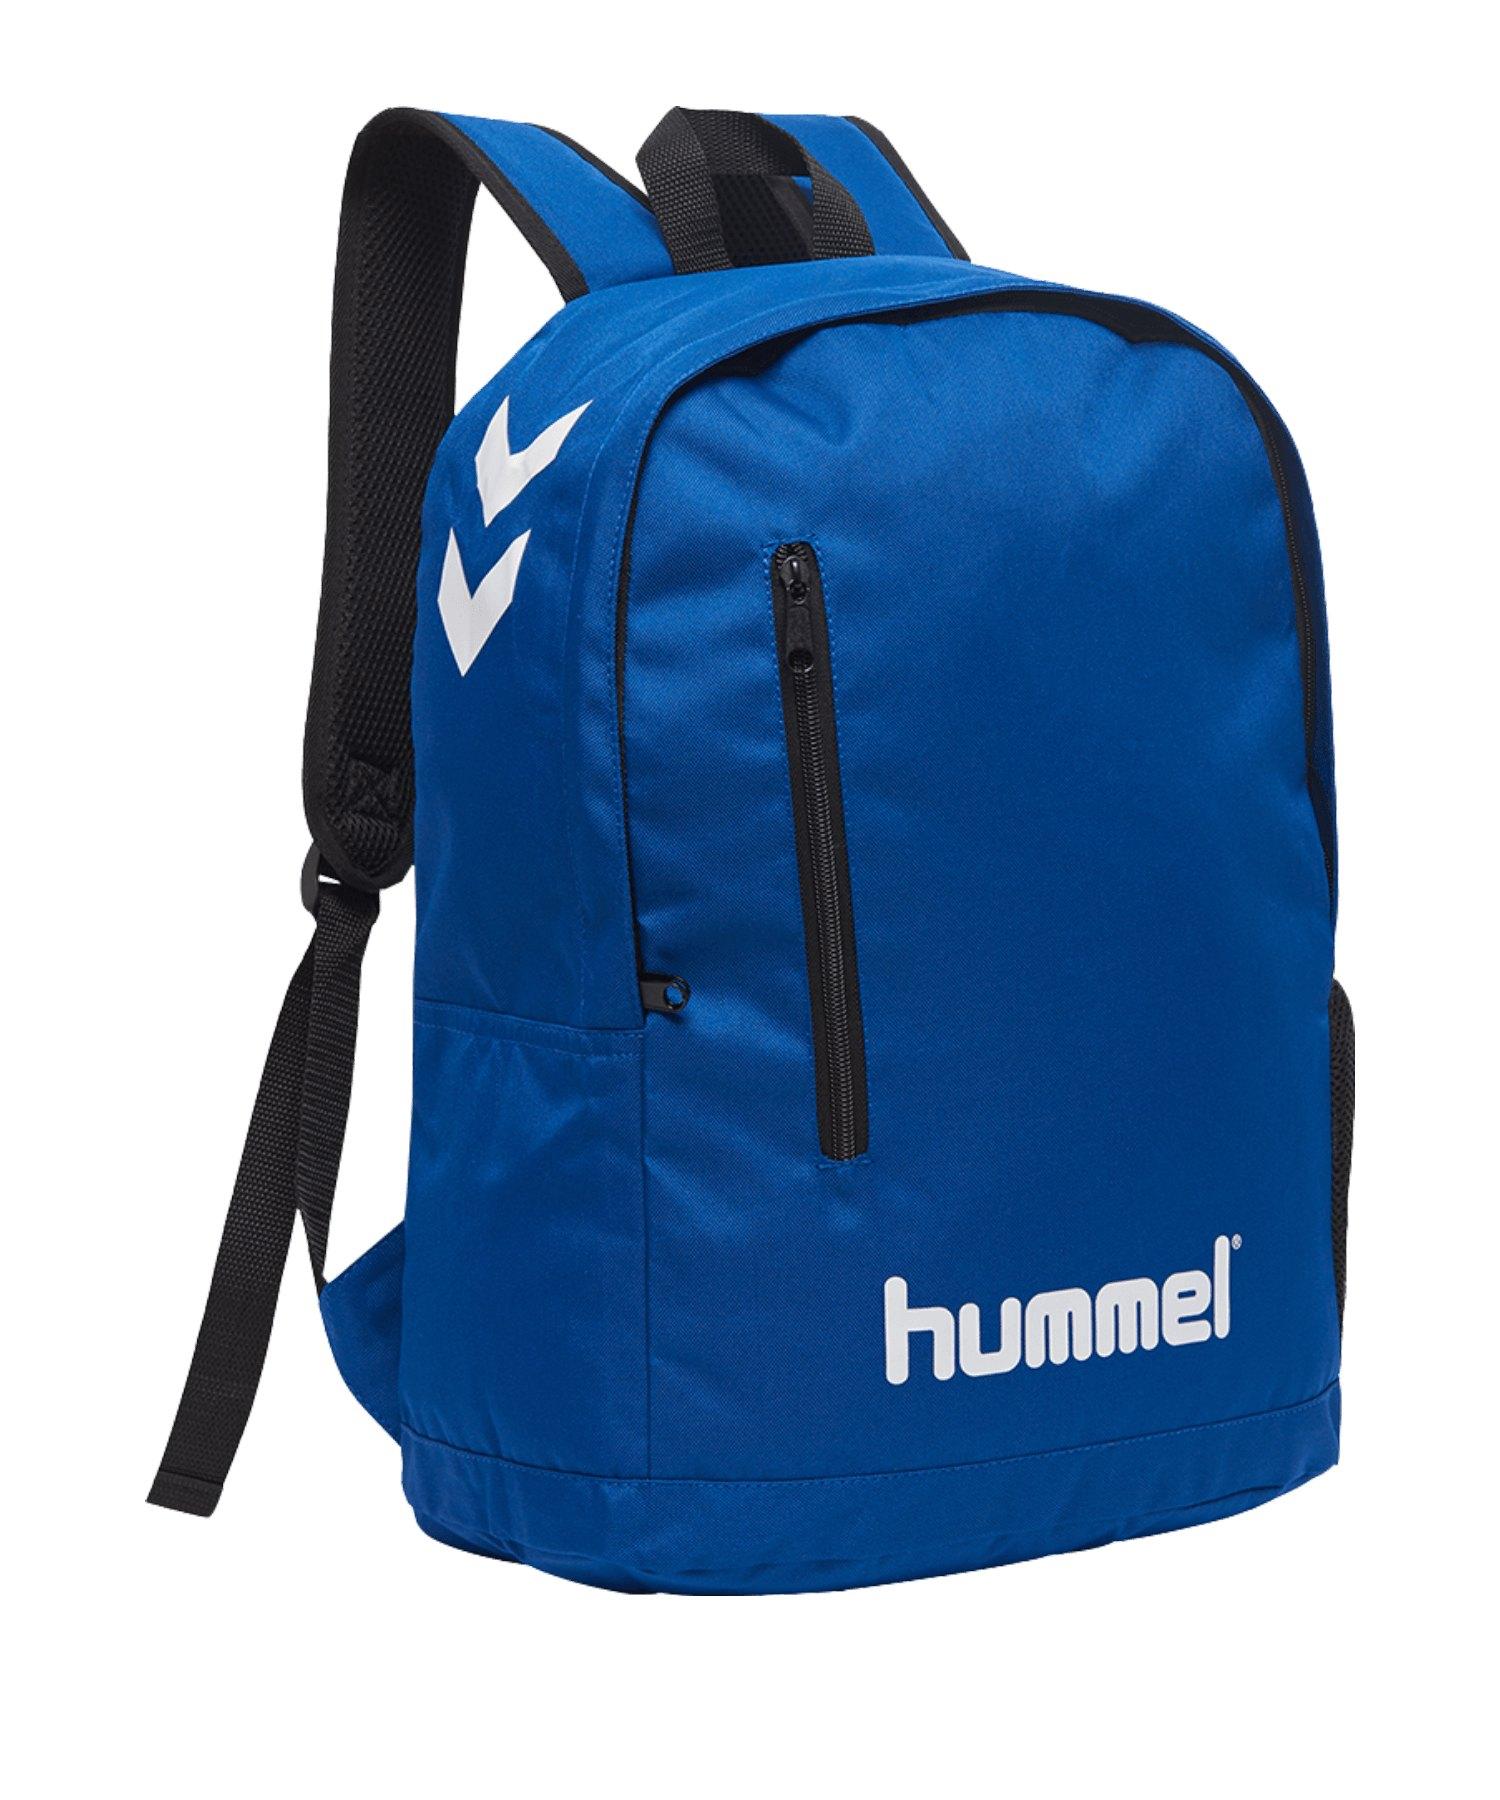 Hummel Core Back Pack Rucksack Blau F7045 - blau